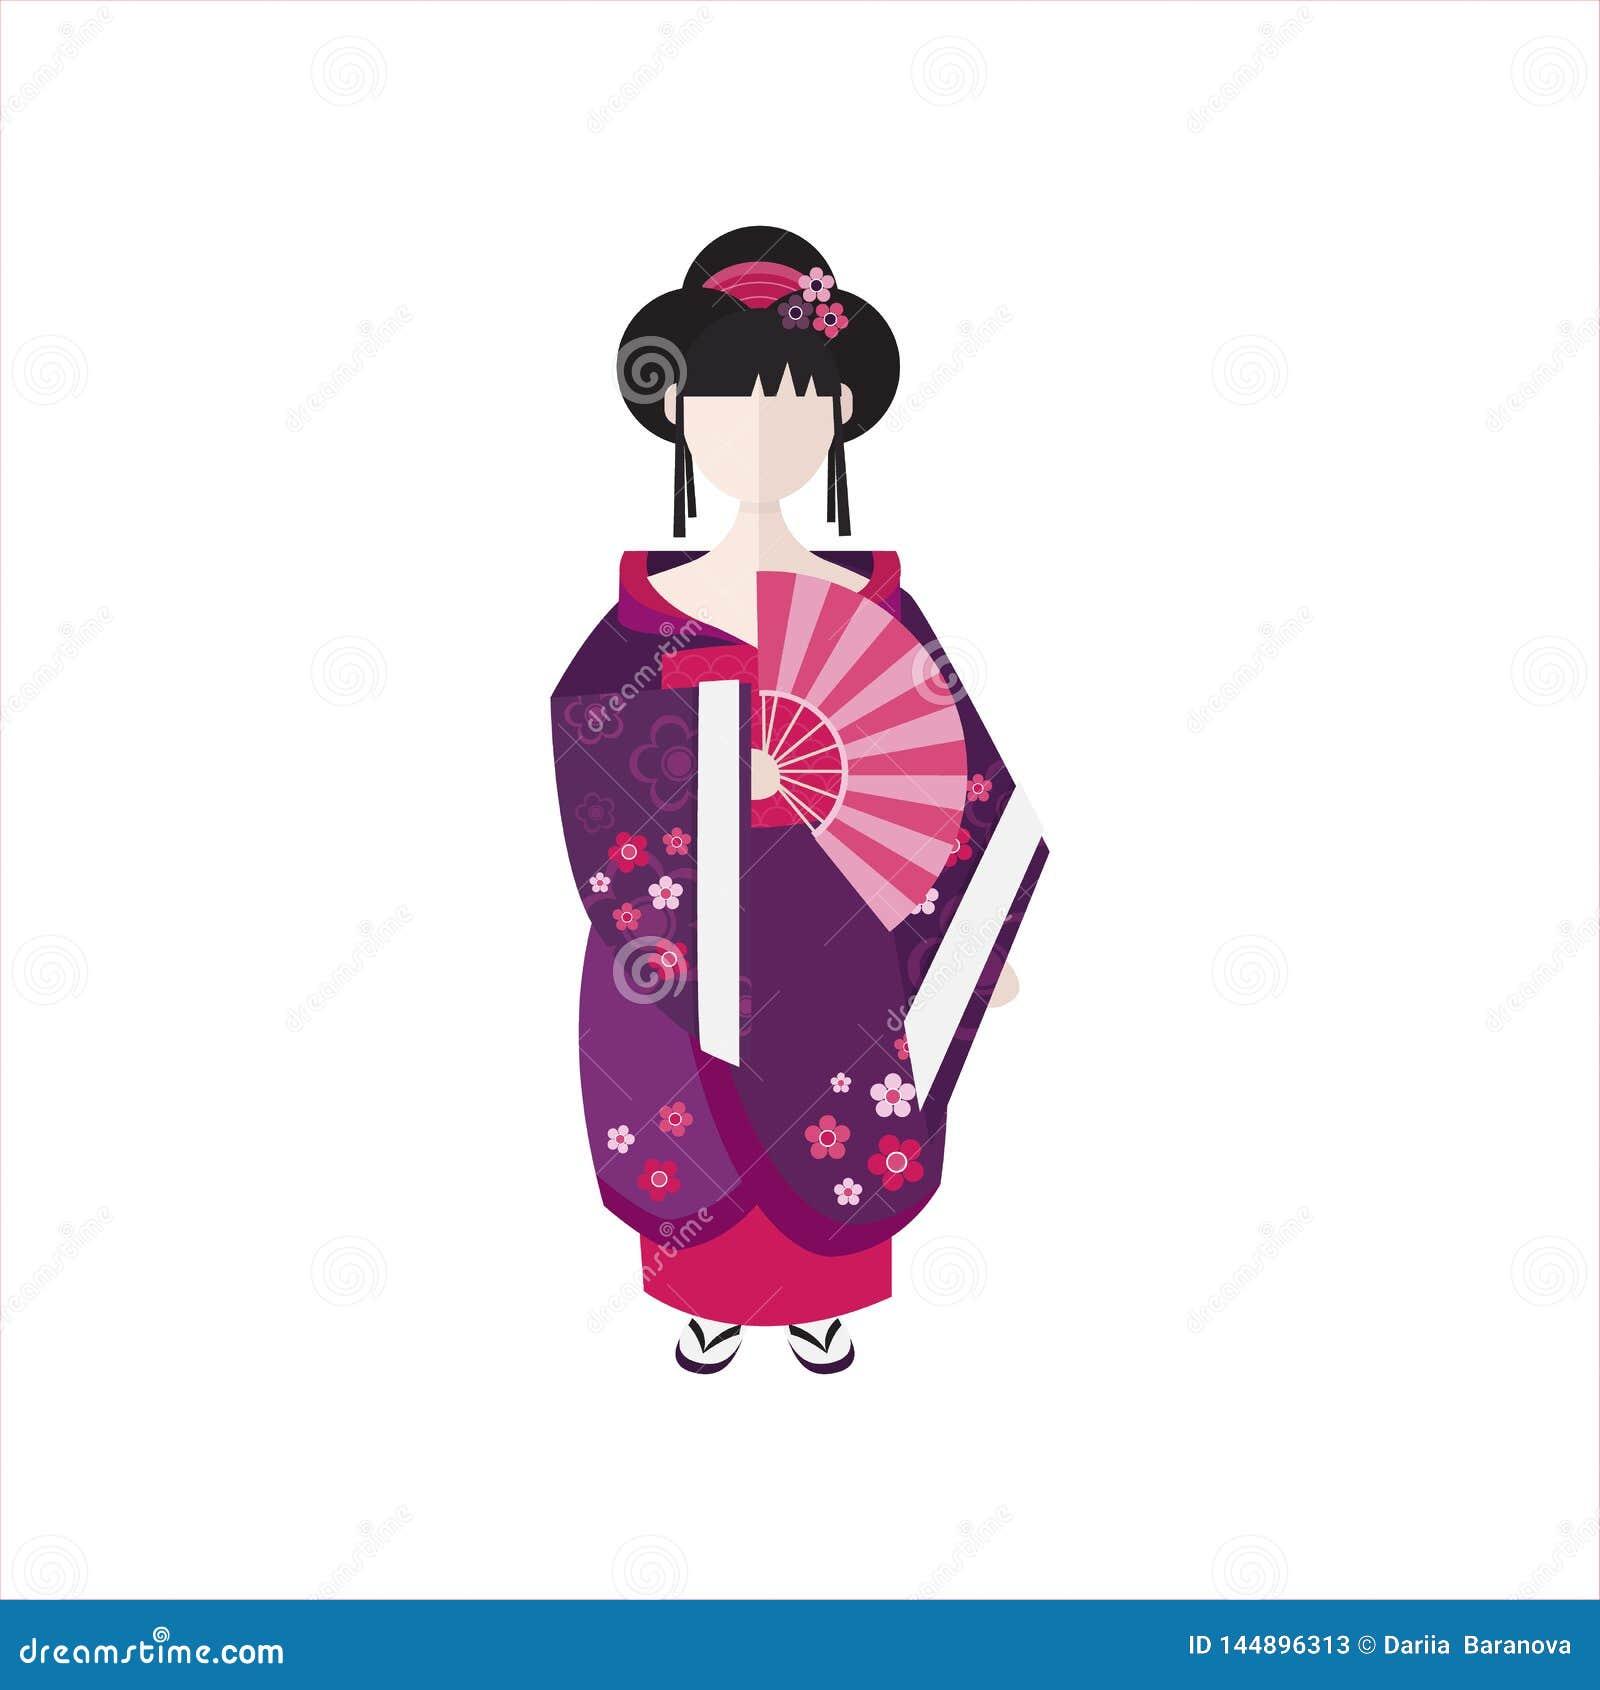 Ιαπωνικά γκέισα στην επίπεδη διανυσματική απεικόνιση κιμονό